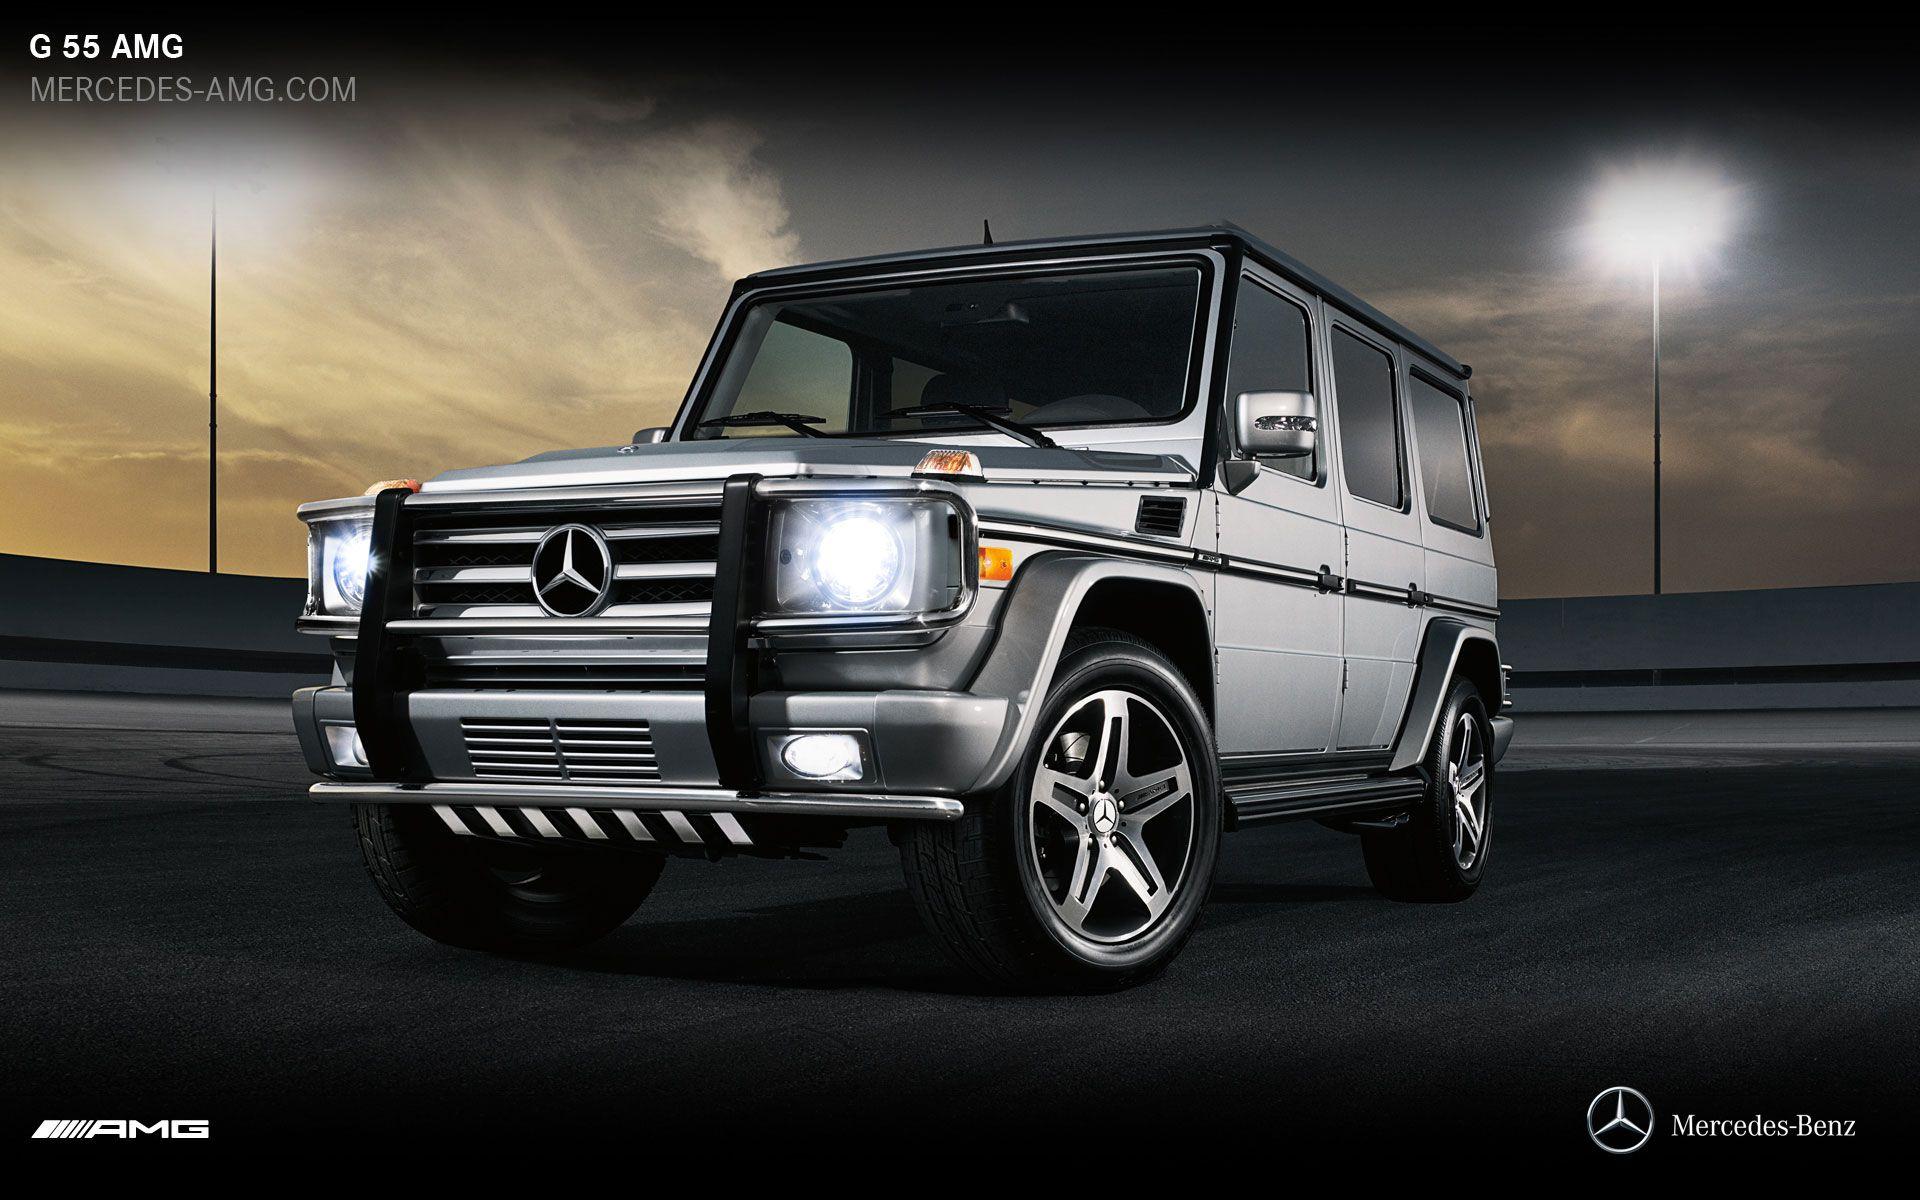 Merdedes Benz G55 Amg Wagon Dominate Orangecounty Mercedes G55 Amg Mercedes Mercedes Benz